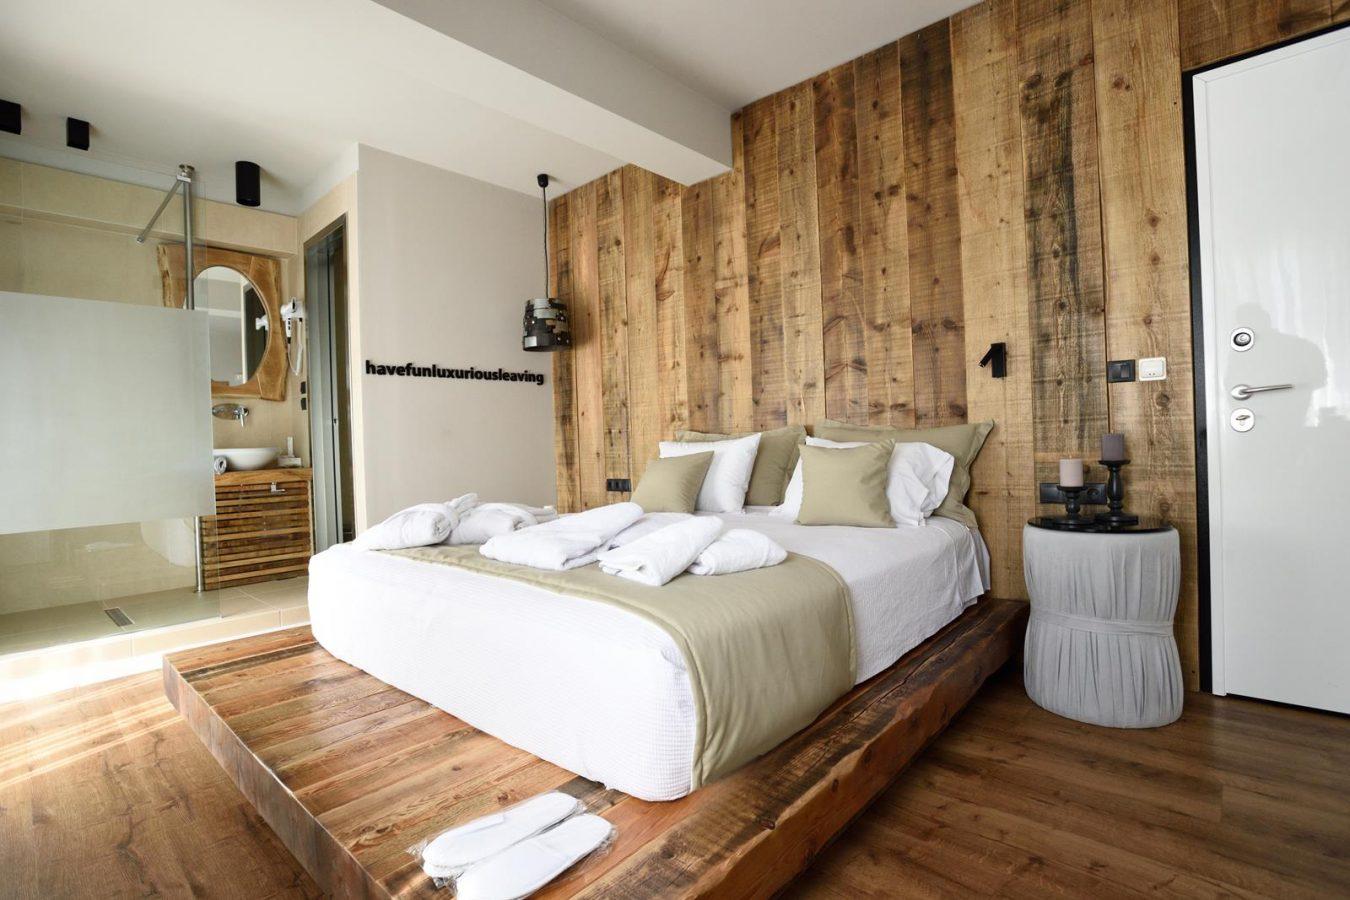 θεσσαλονικη διαμονη - magnifique luxury suites